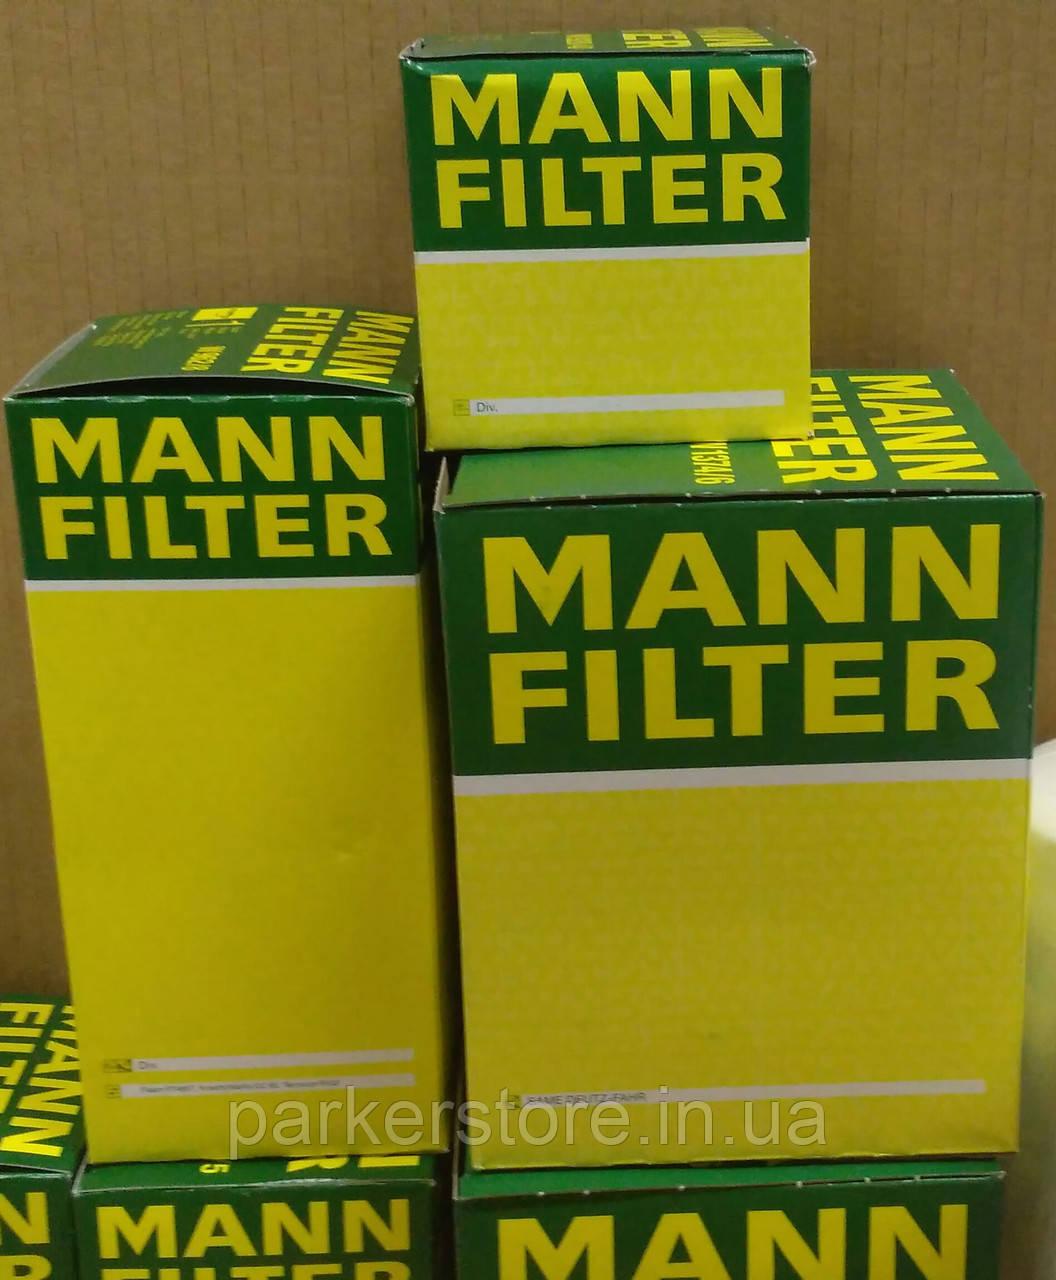 MANN FILTER / Повітряний фільтр / C 30 153/1 / C30153/1